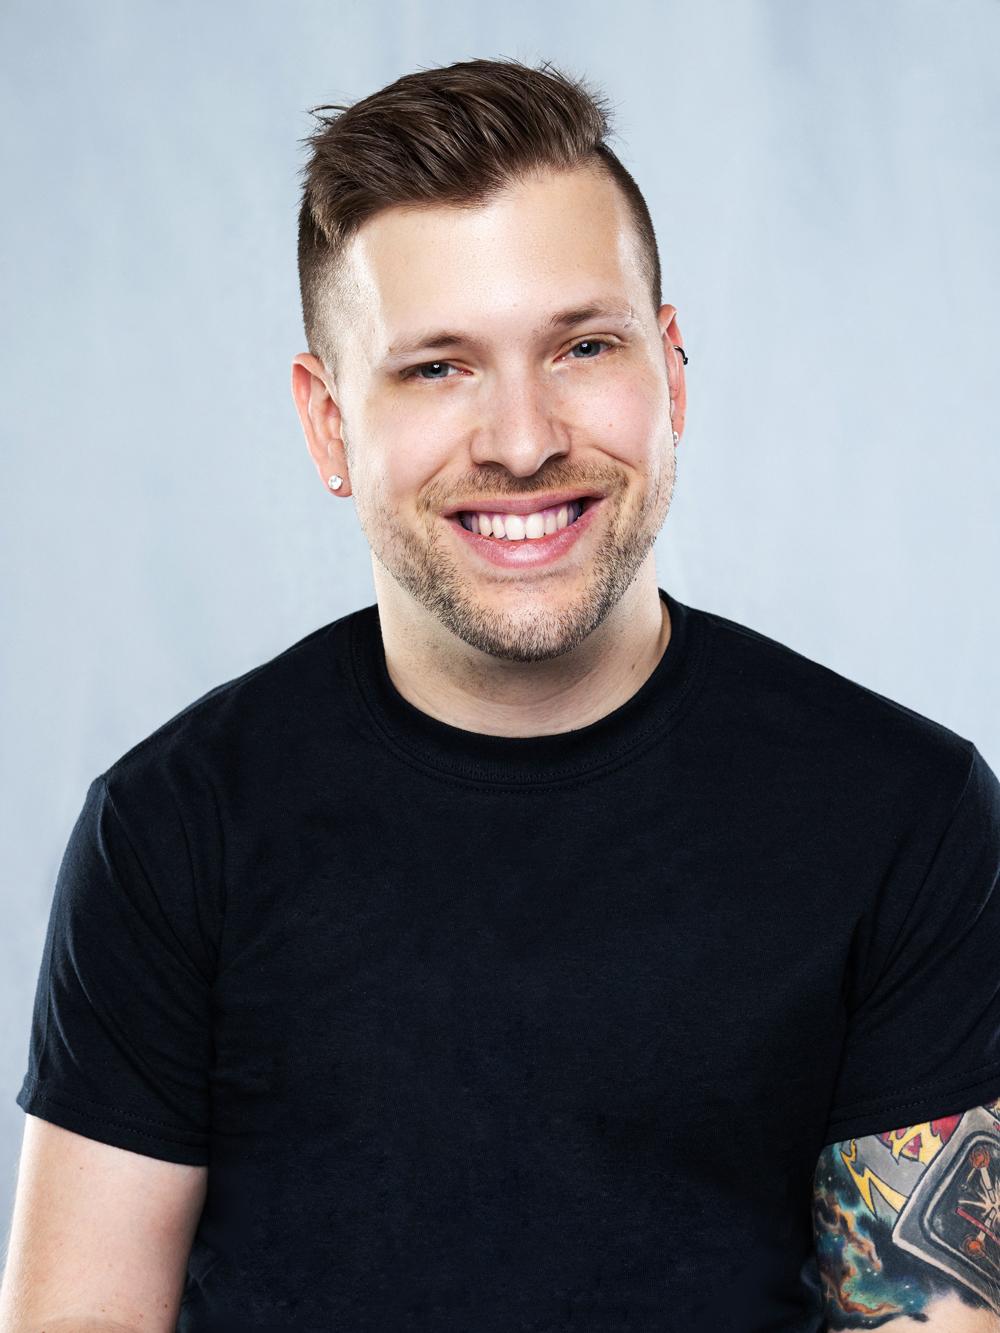 Marco Pasqua smiling